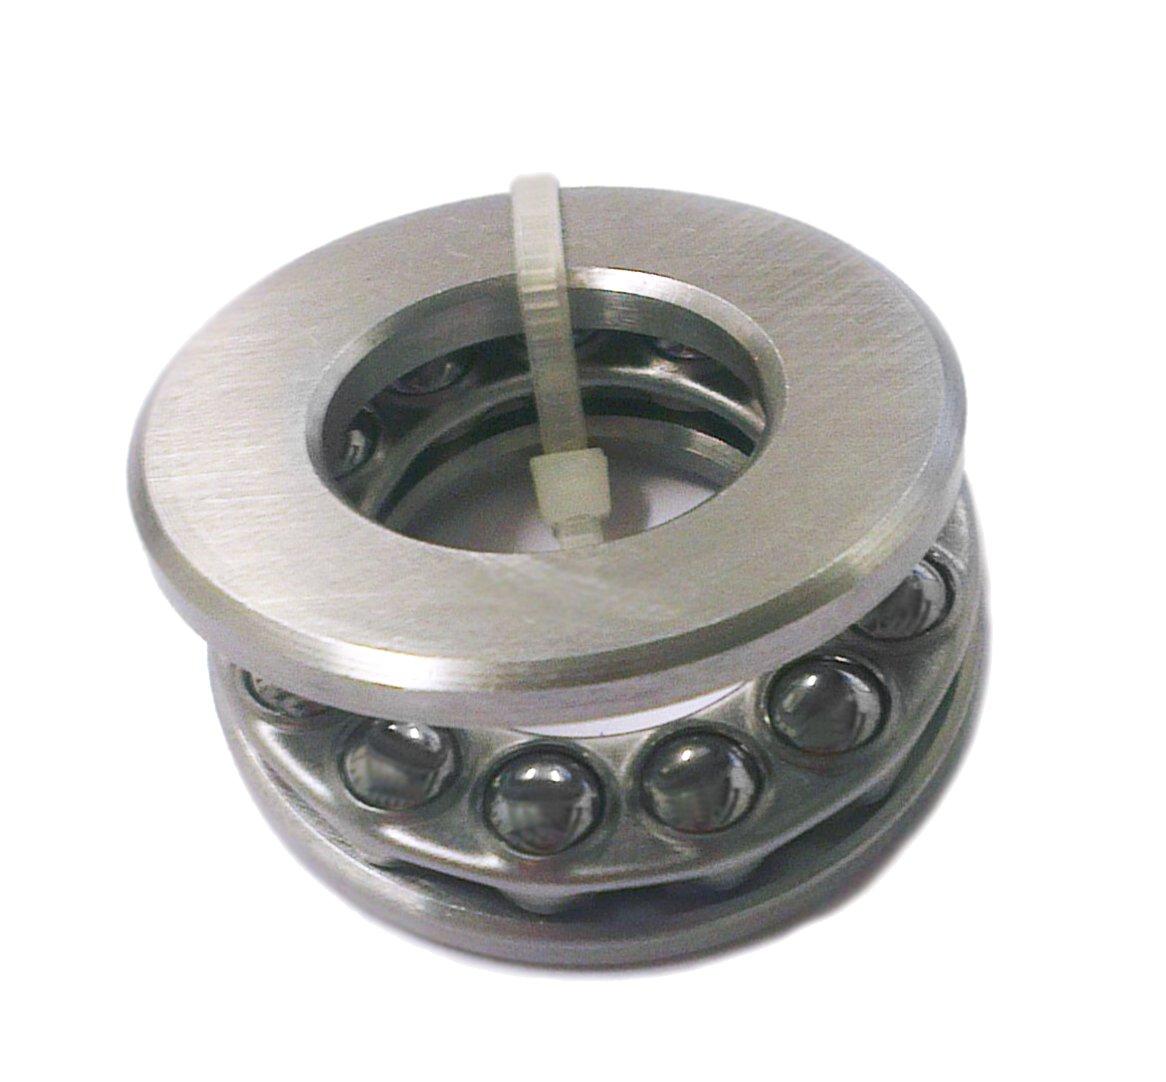 Axial Roulement 10X 24X 9mm 51100CQ (C) Butée din711/iso104qualité industrielle 24x 10x 9Roulement à bille